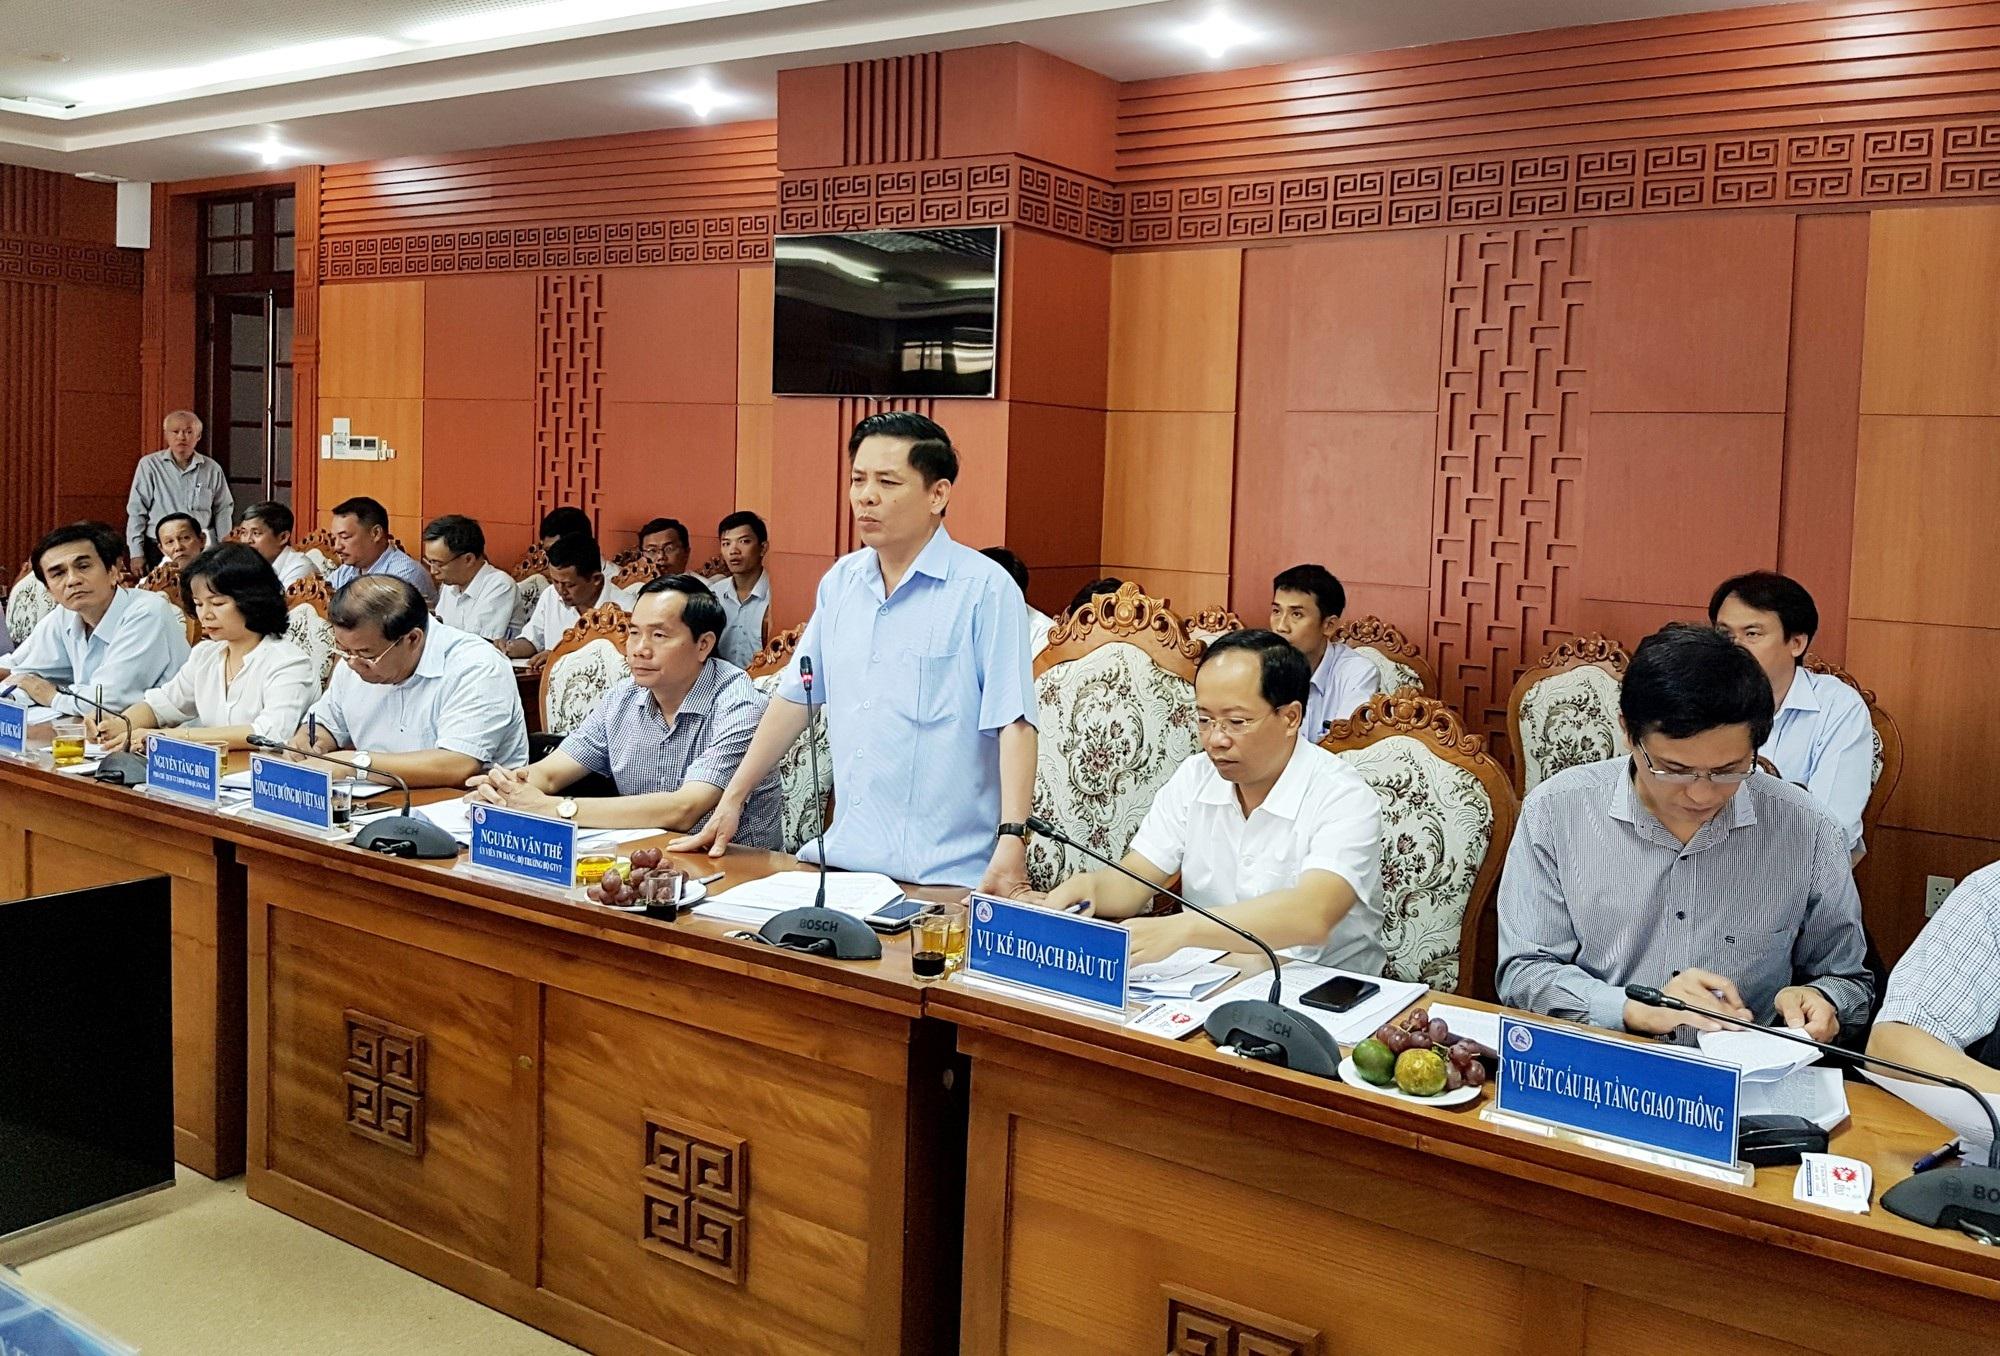 Bộ trưởng GTVT Nguyễn Văn Thể làm việc với các địa phương và chủ đầu tư dự án cao tốc Đà Nẵng – Quảng Ngãi sáng 3/8